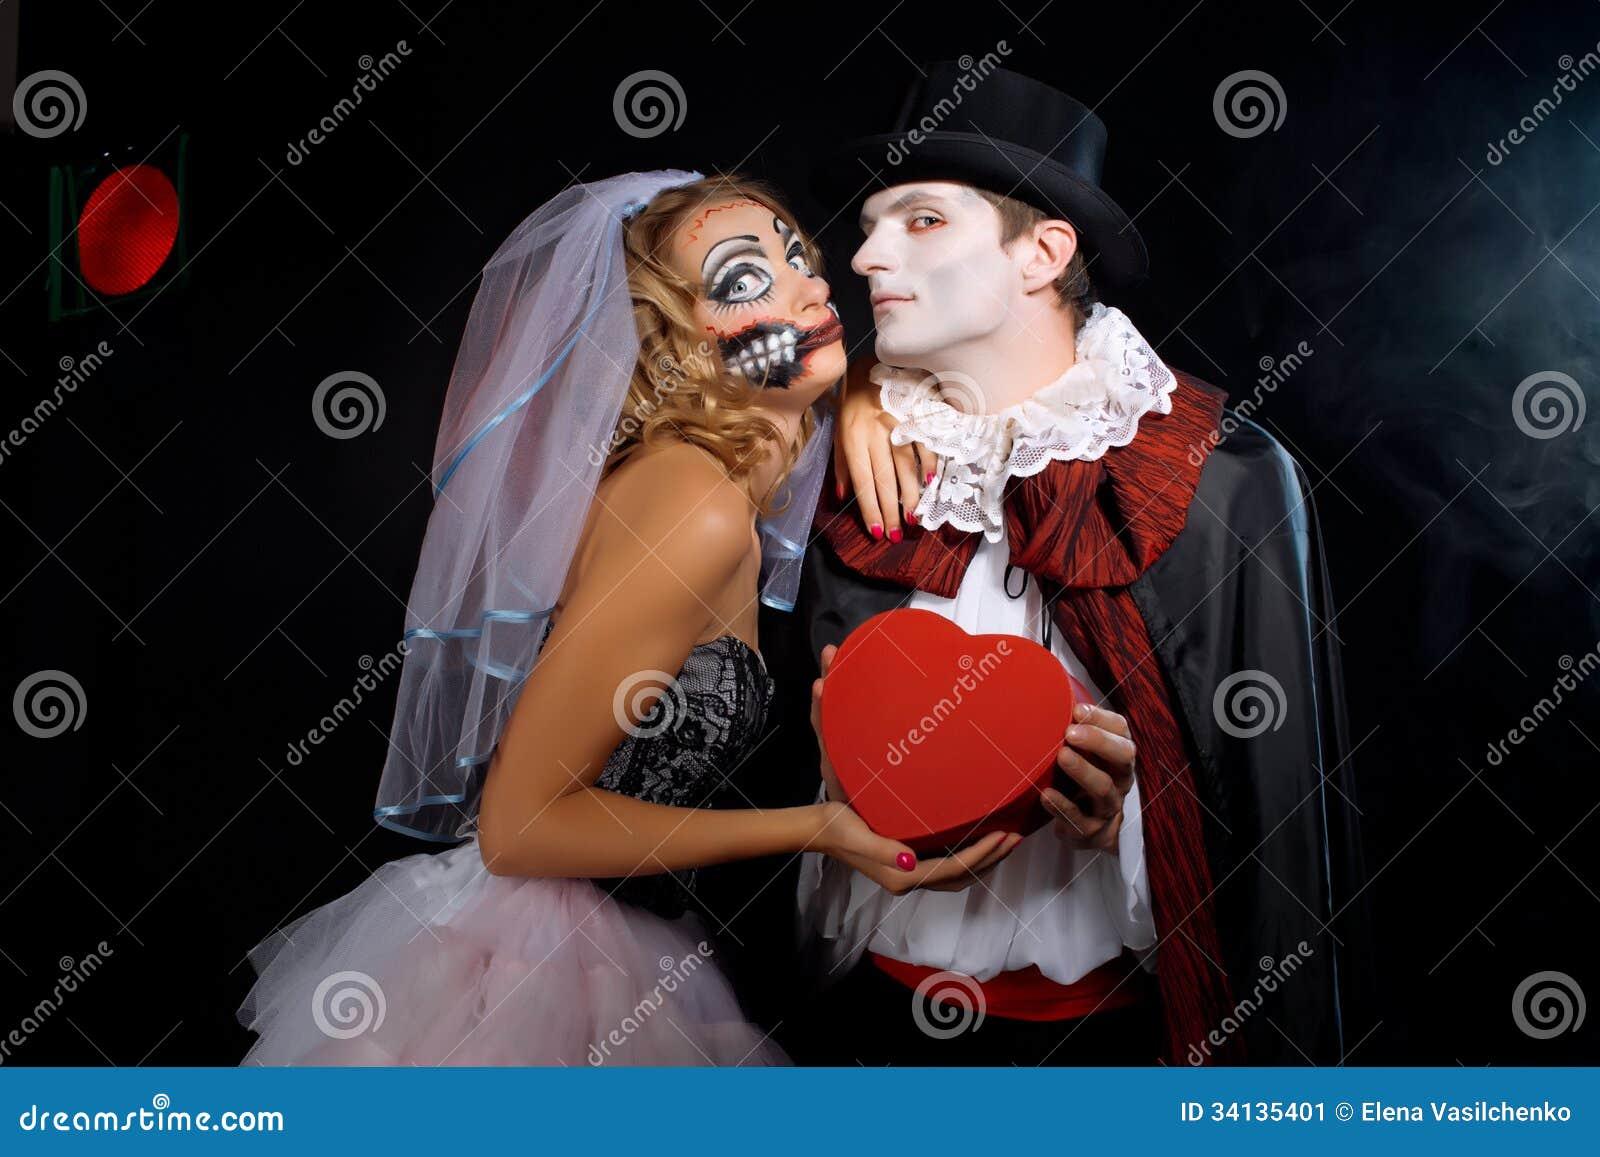 Mann und Frau, die als Vampir und Hexe tragen. Halloween